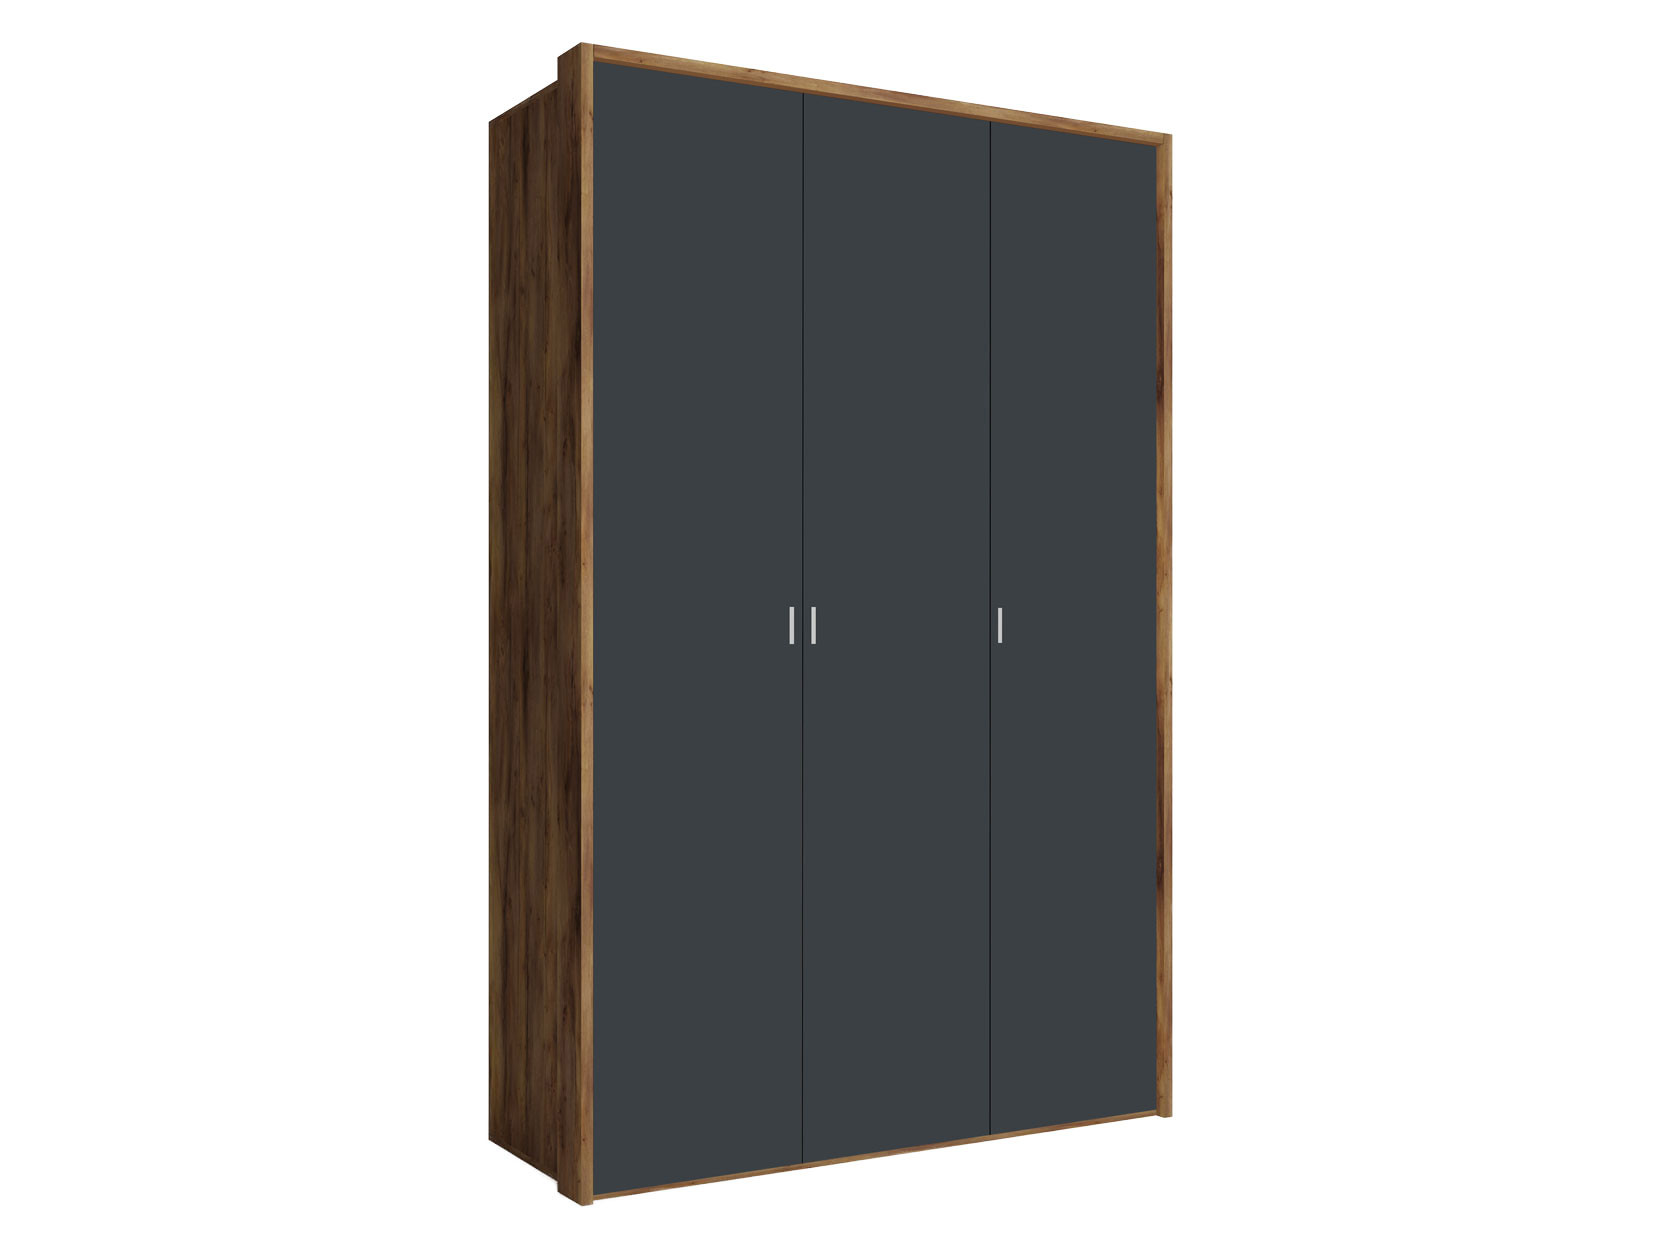 Распашной шкаф  3-х дверный Вега Бавария Таксония медовая / Антрацит, Без зеркала, С топом-накладкой КУРАЖ 104969